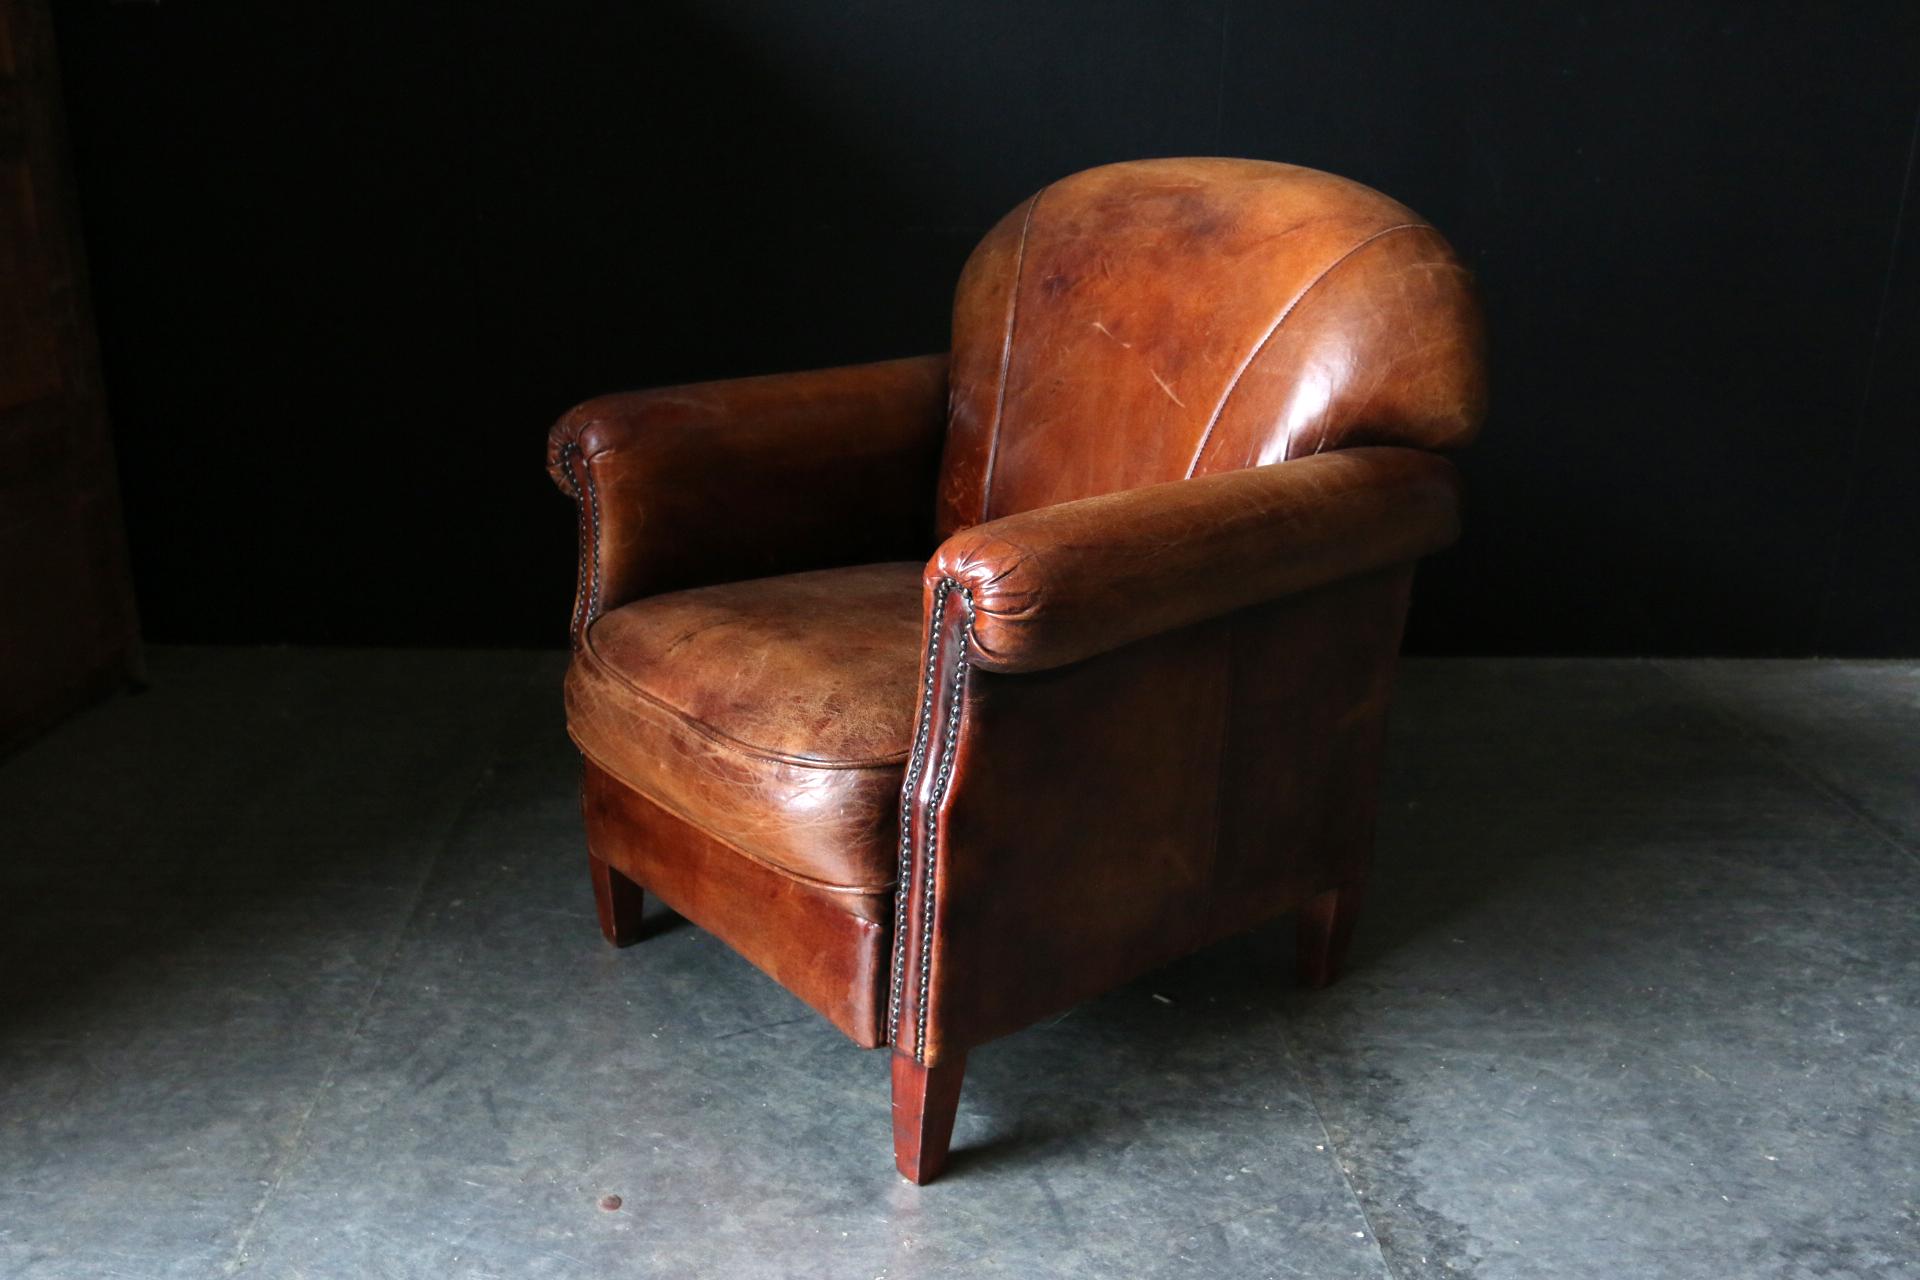 Super Fantastische Vintage Design Schapenleren clubfauteuil – Dehuiszwaluw YL-09